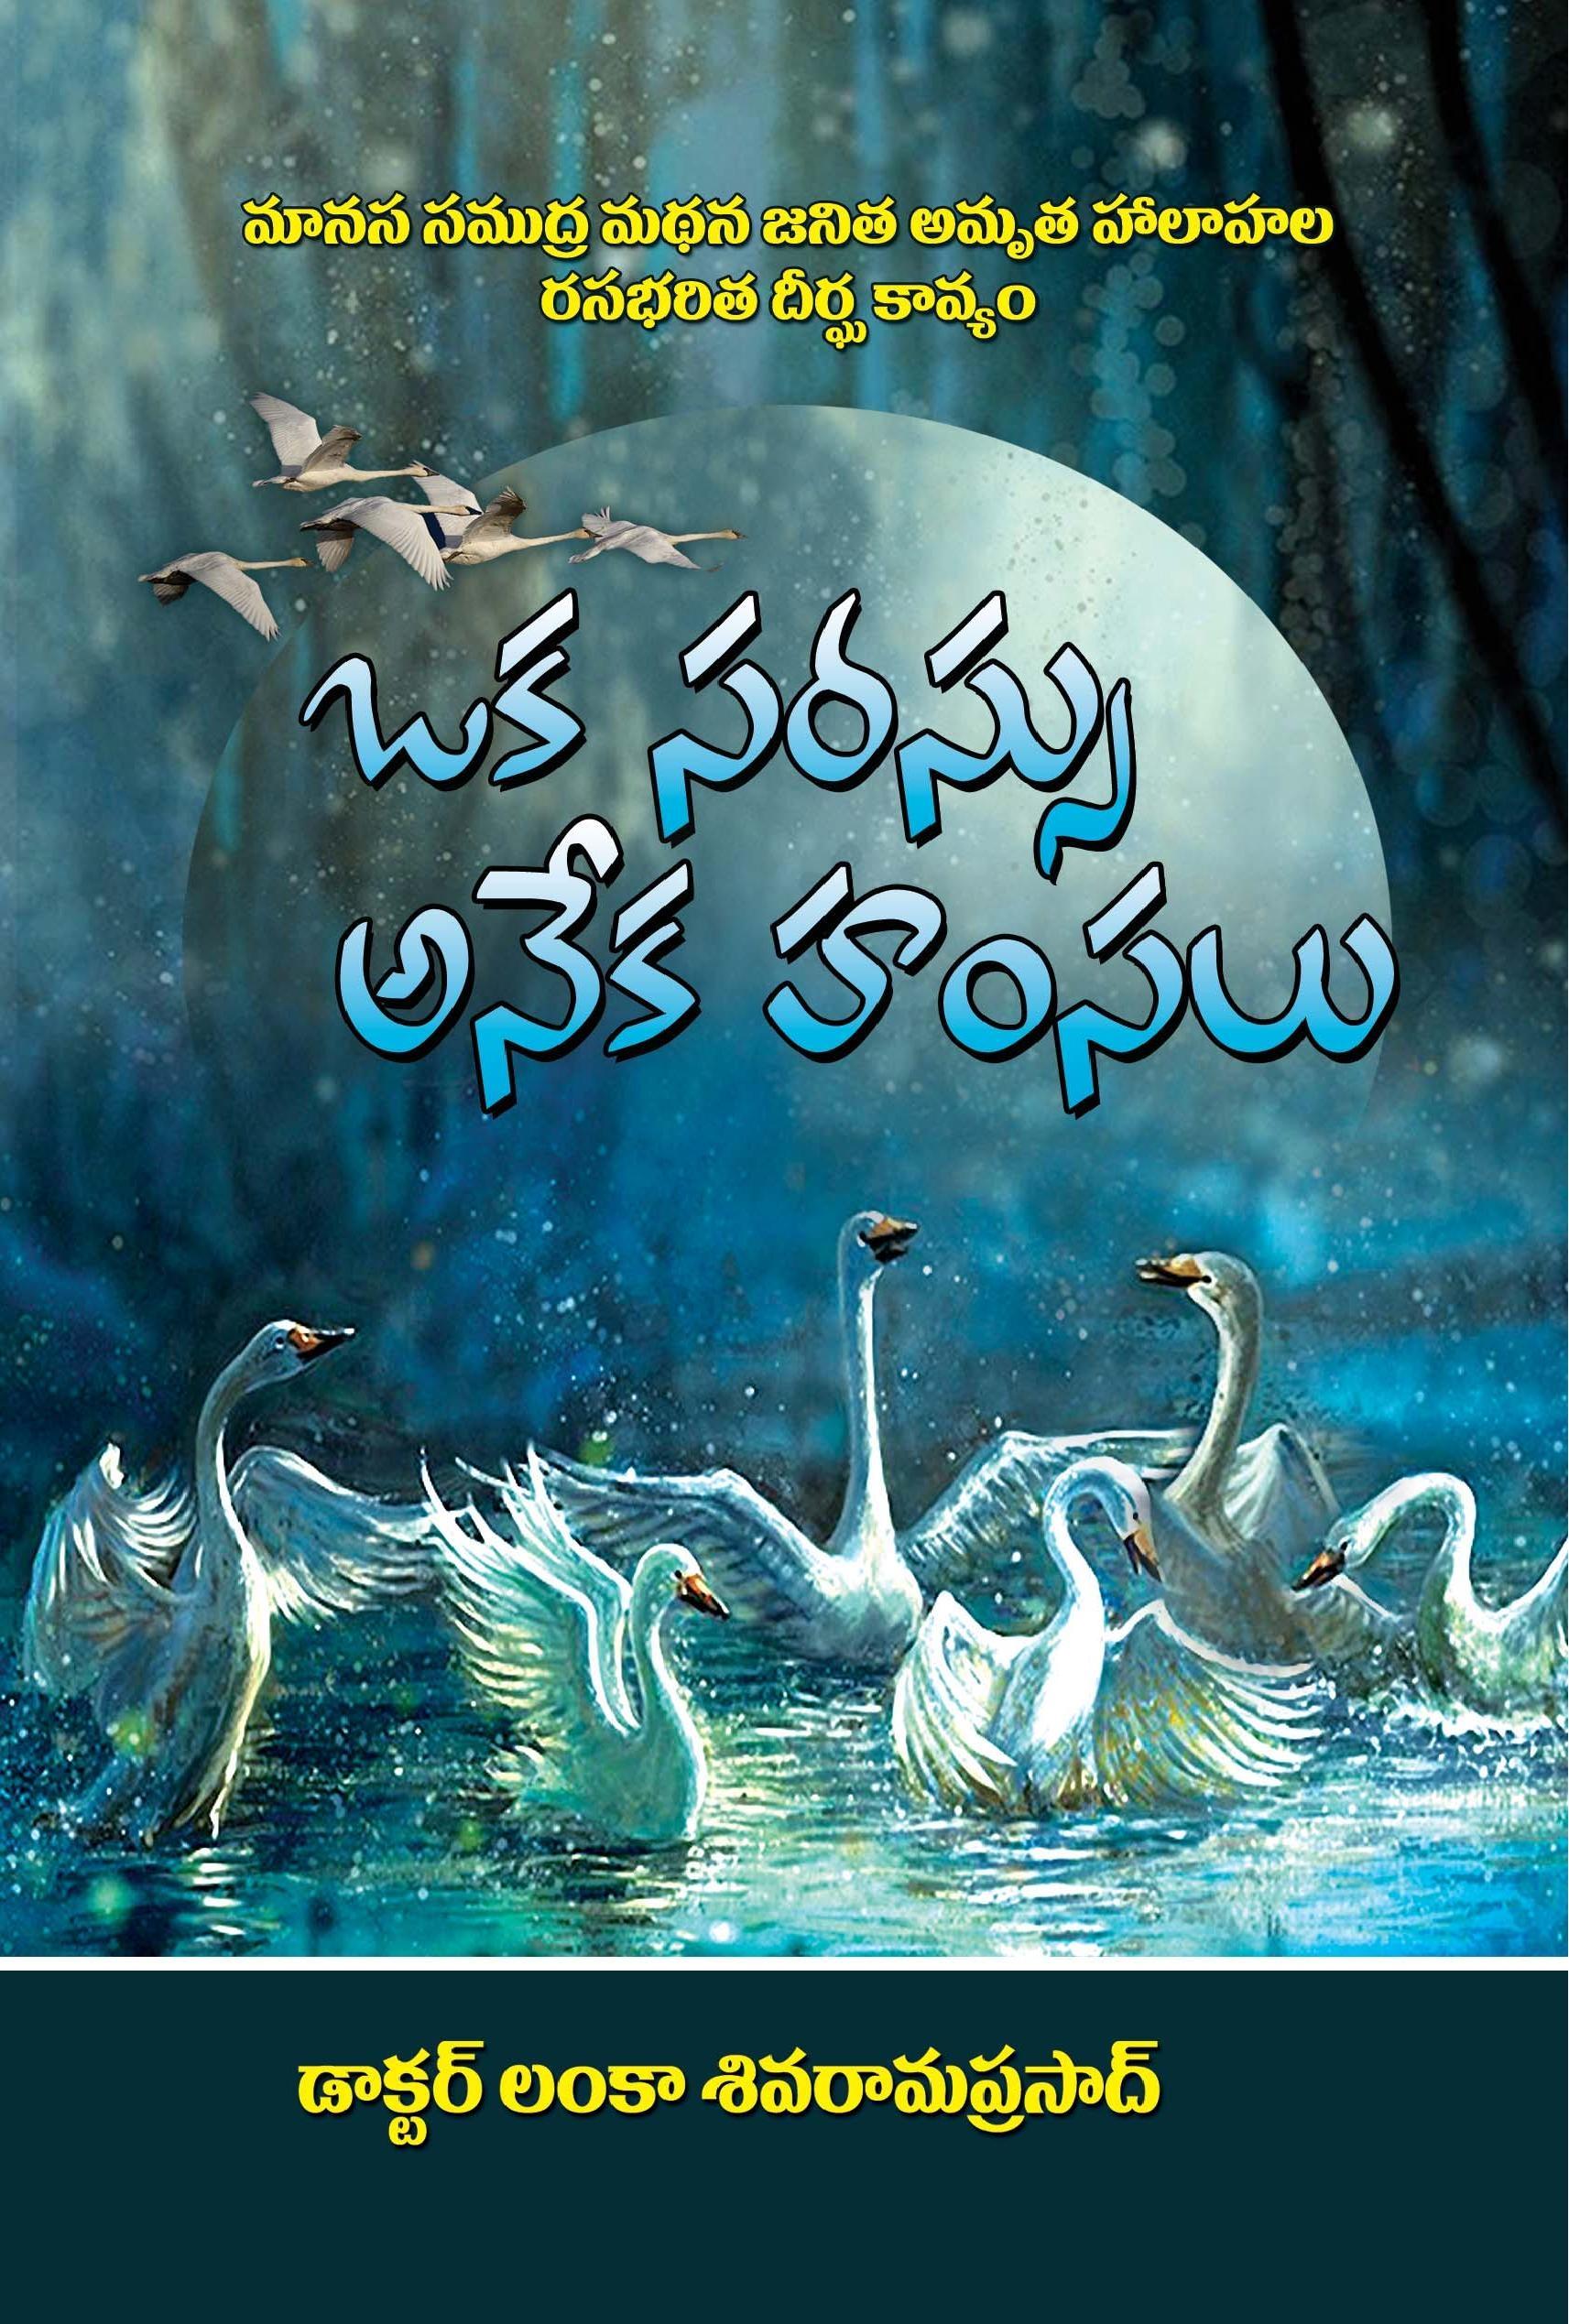 Oka Sarassu, Anaeka Hamsalu